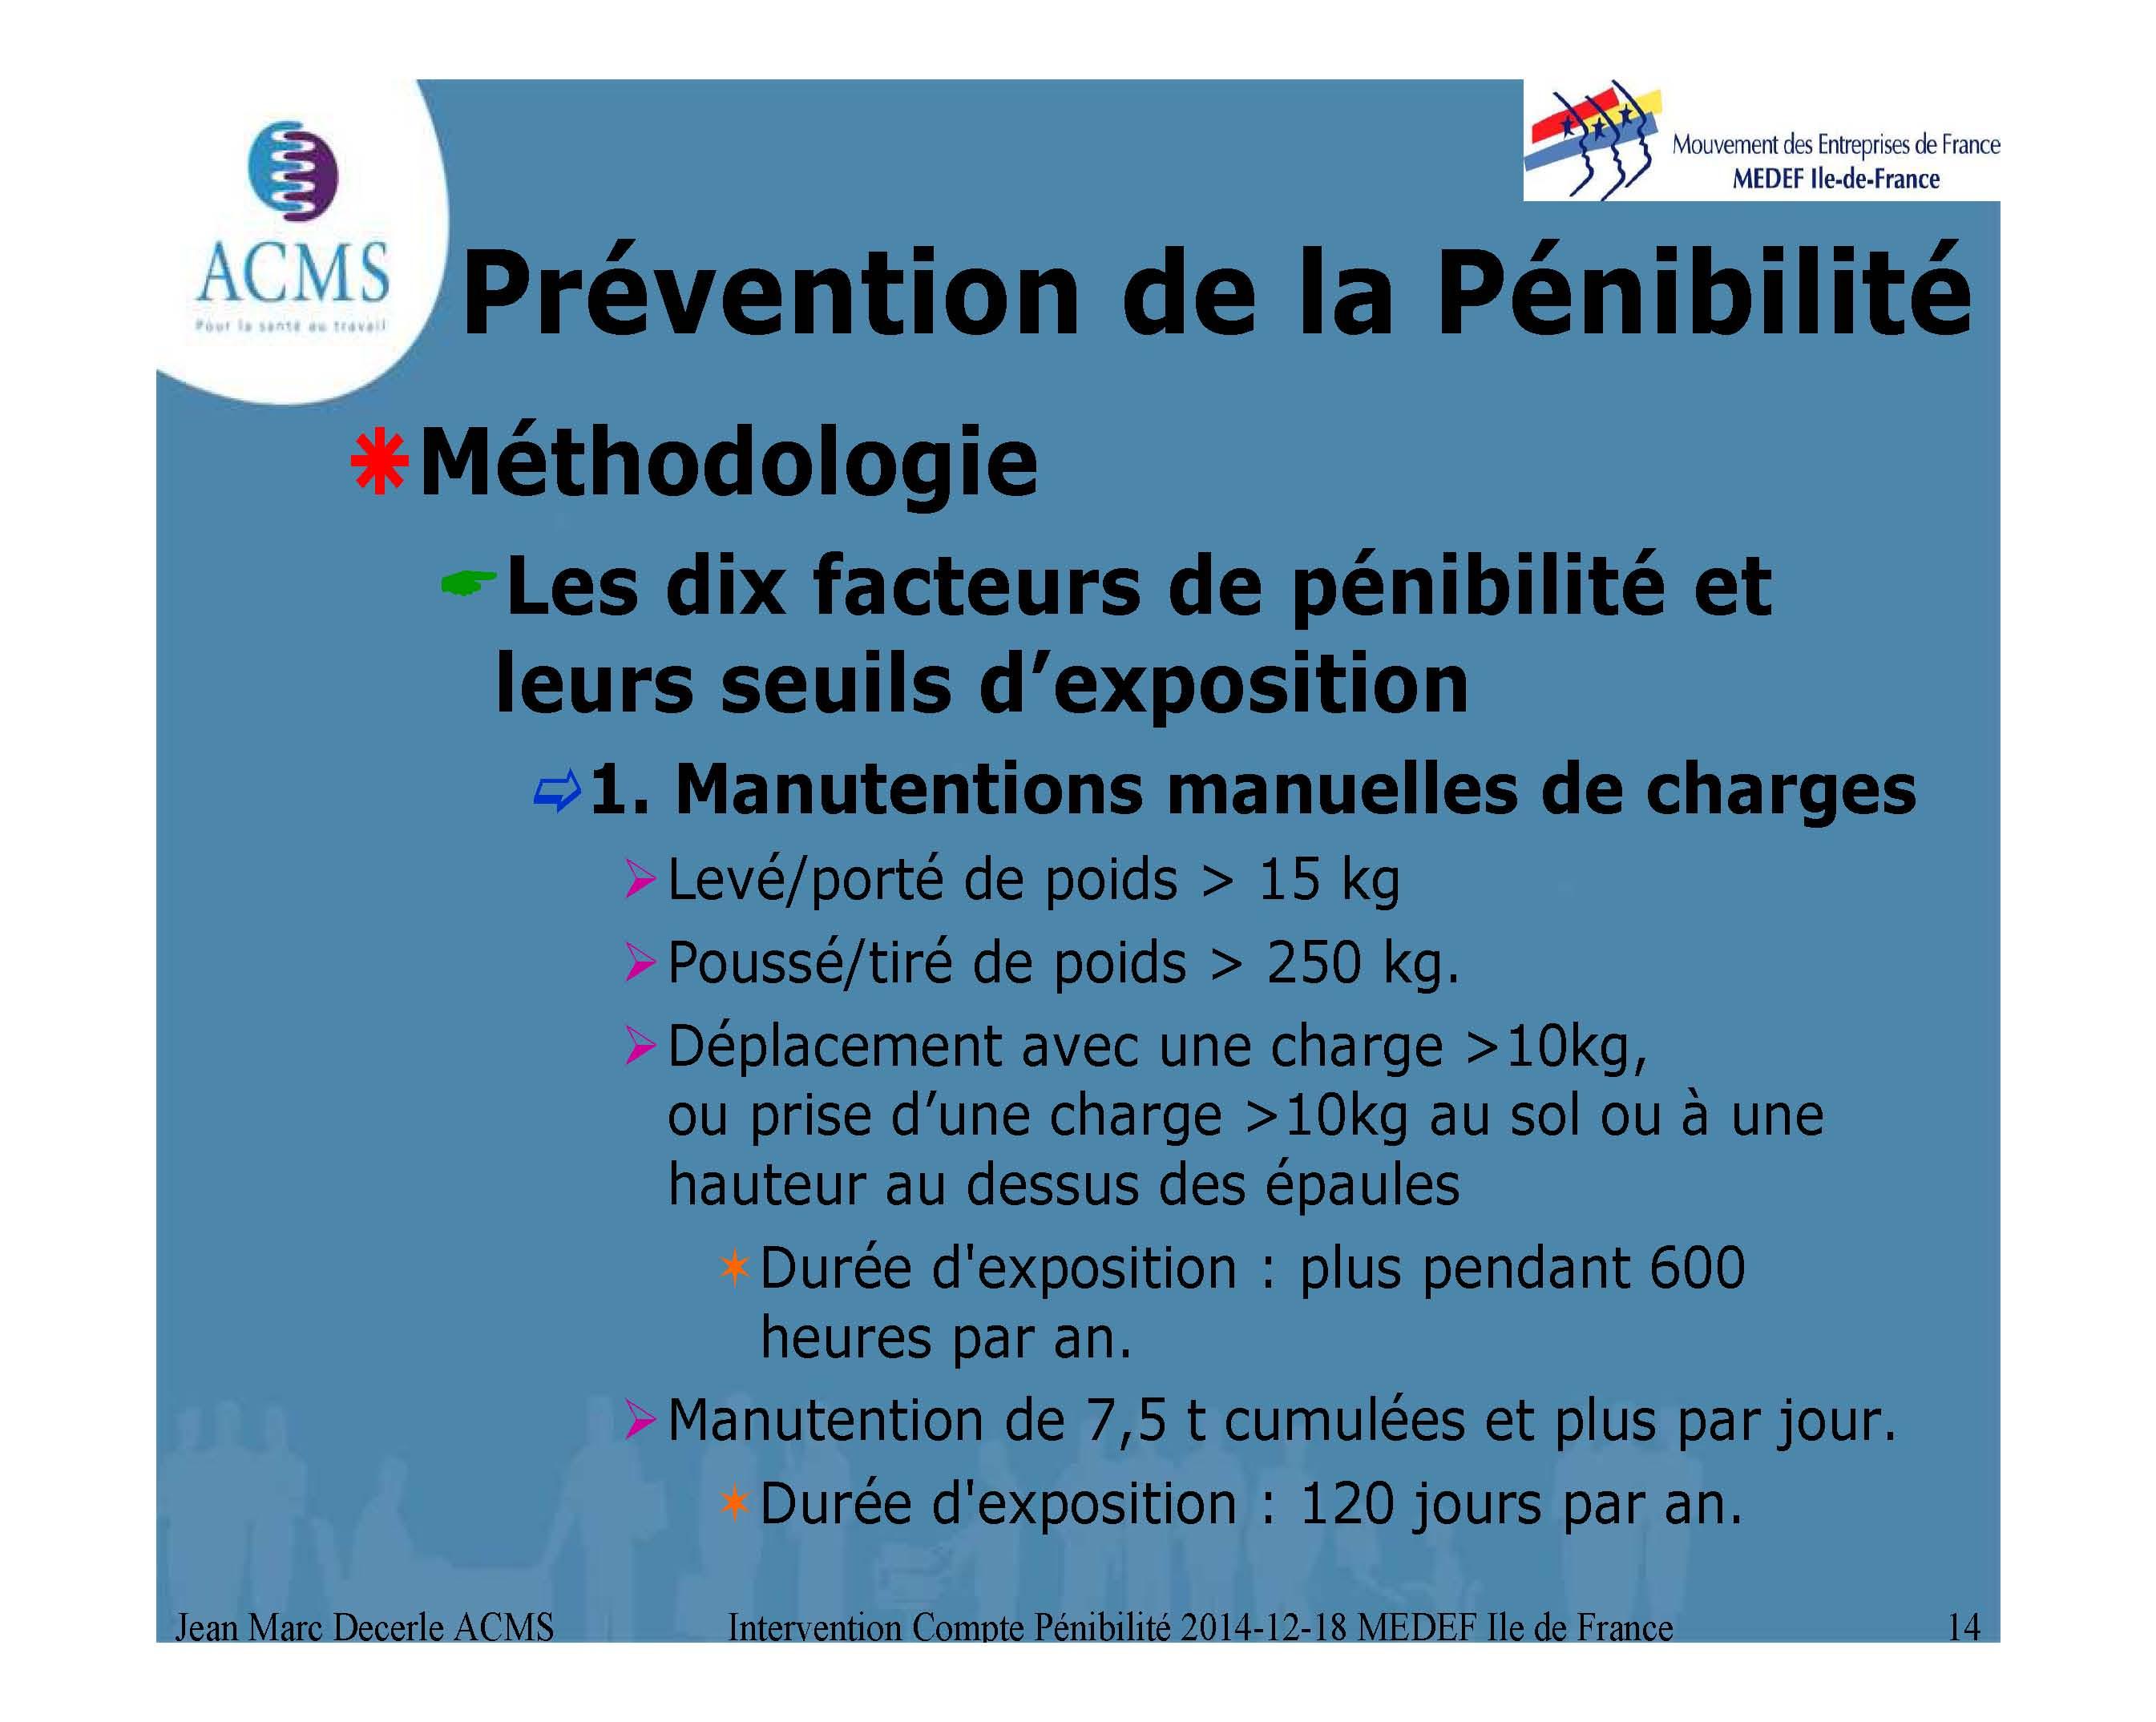 2014-12-18 Compte Pénibilite MEDEF Ile de France_Page_14